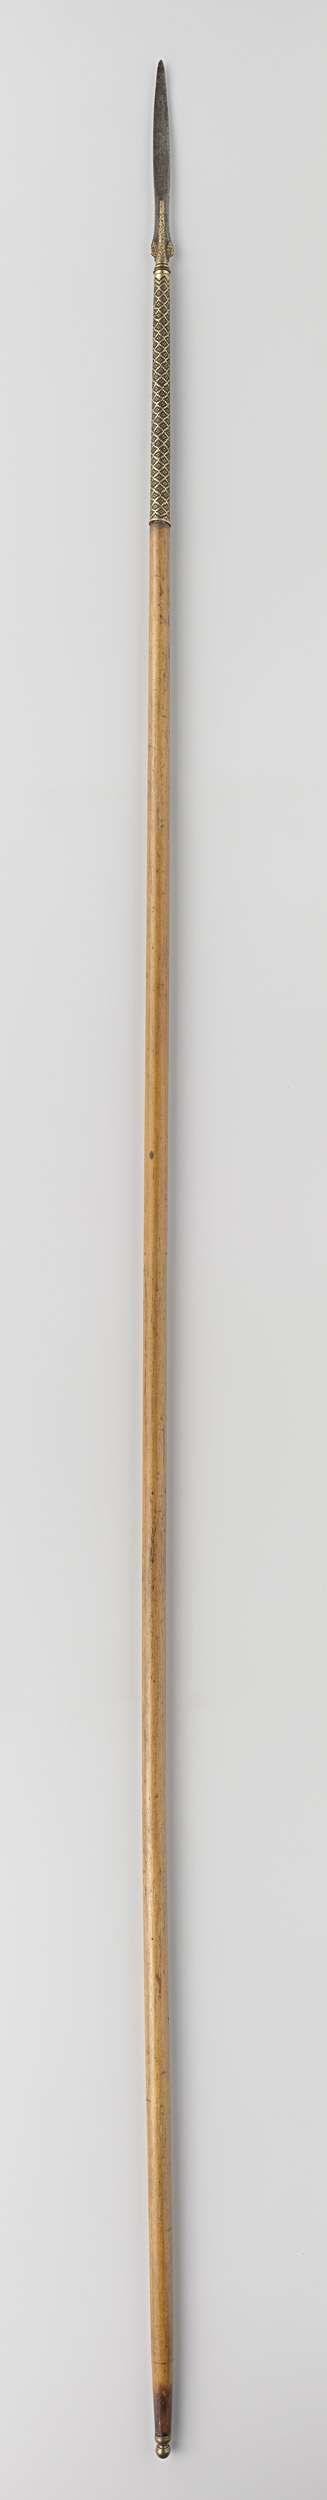 Anonymous | Lans van het wapenrek van Gouverneur-Generaal J.C. baron Baud, Anonymous, c. 1800 - c. 1900 | Ronde houten schacht met lange smalle kling, die bij de basis is verguld en met bladmotieven is versierd. De bovenzijde van de schacht heeft op het vergulde ijzeren omhulsel met gouddraad geweven ruitvormige motieven. Aan de onderzijde van de schacht zit een koperen balustervormige knop.